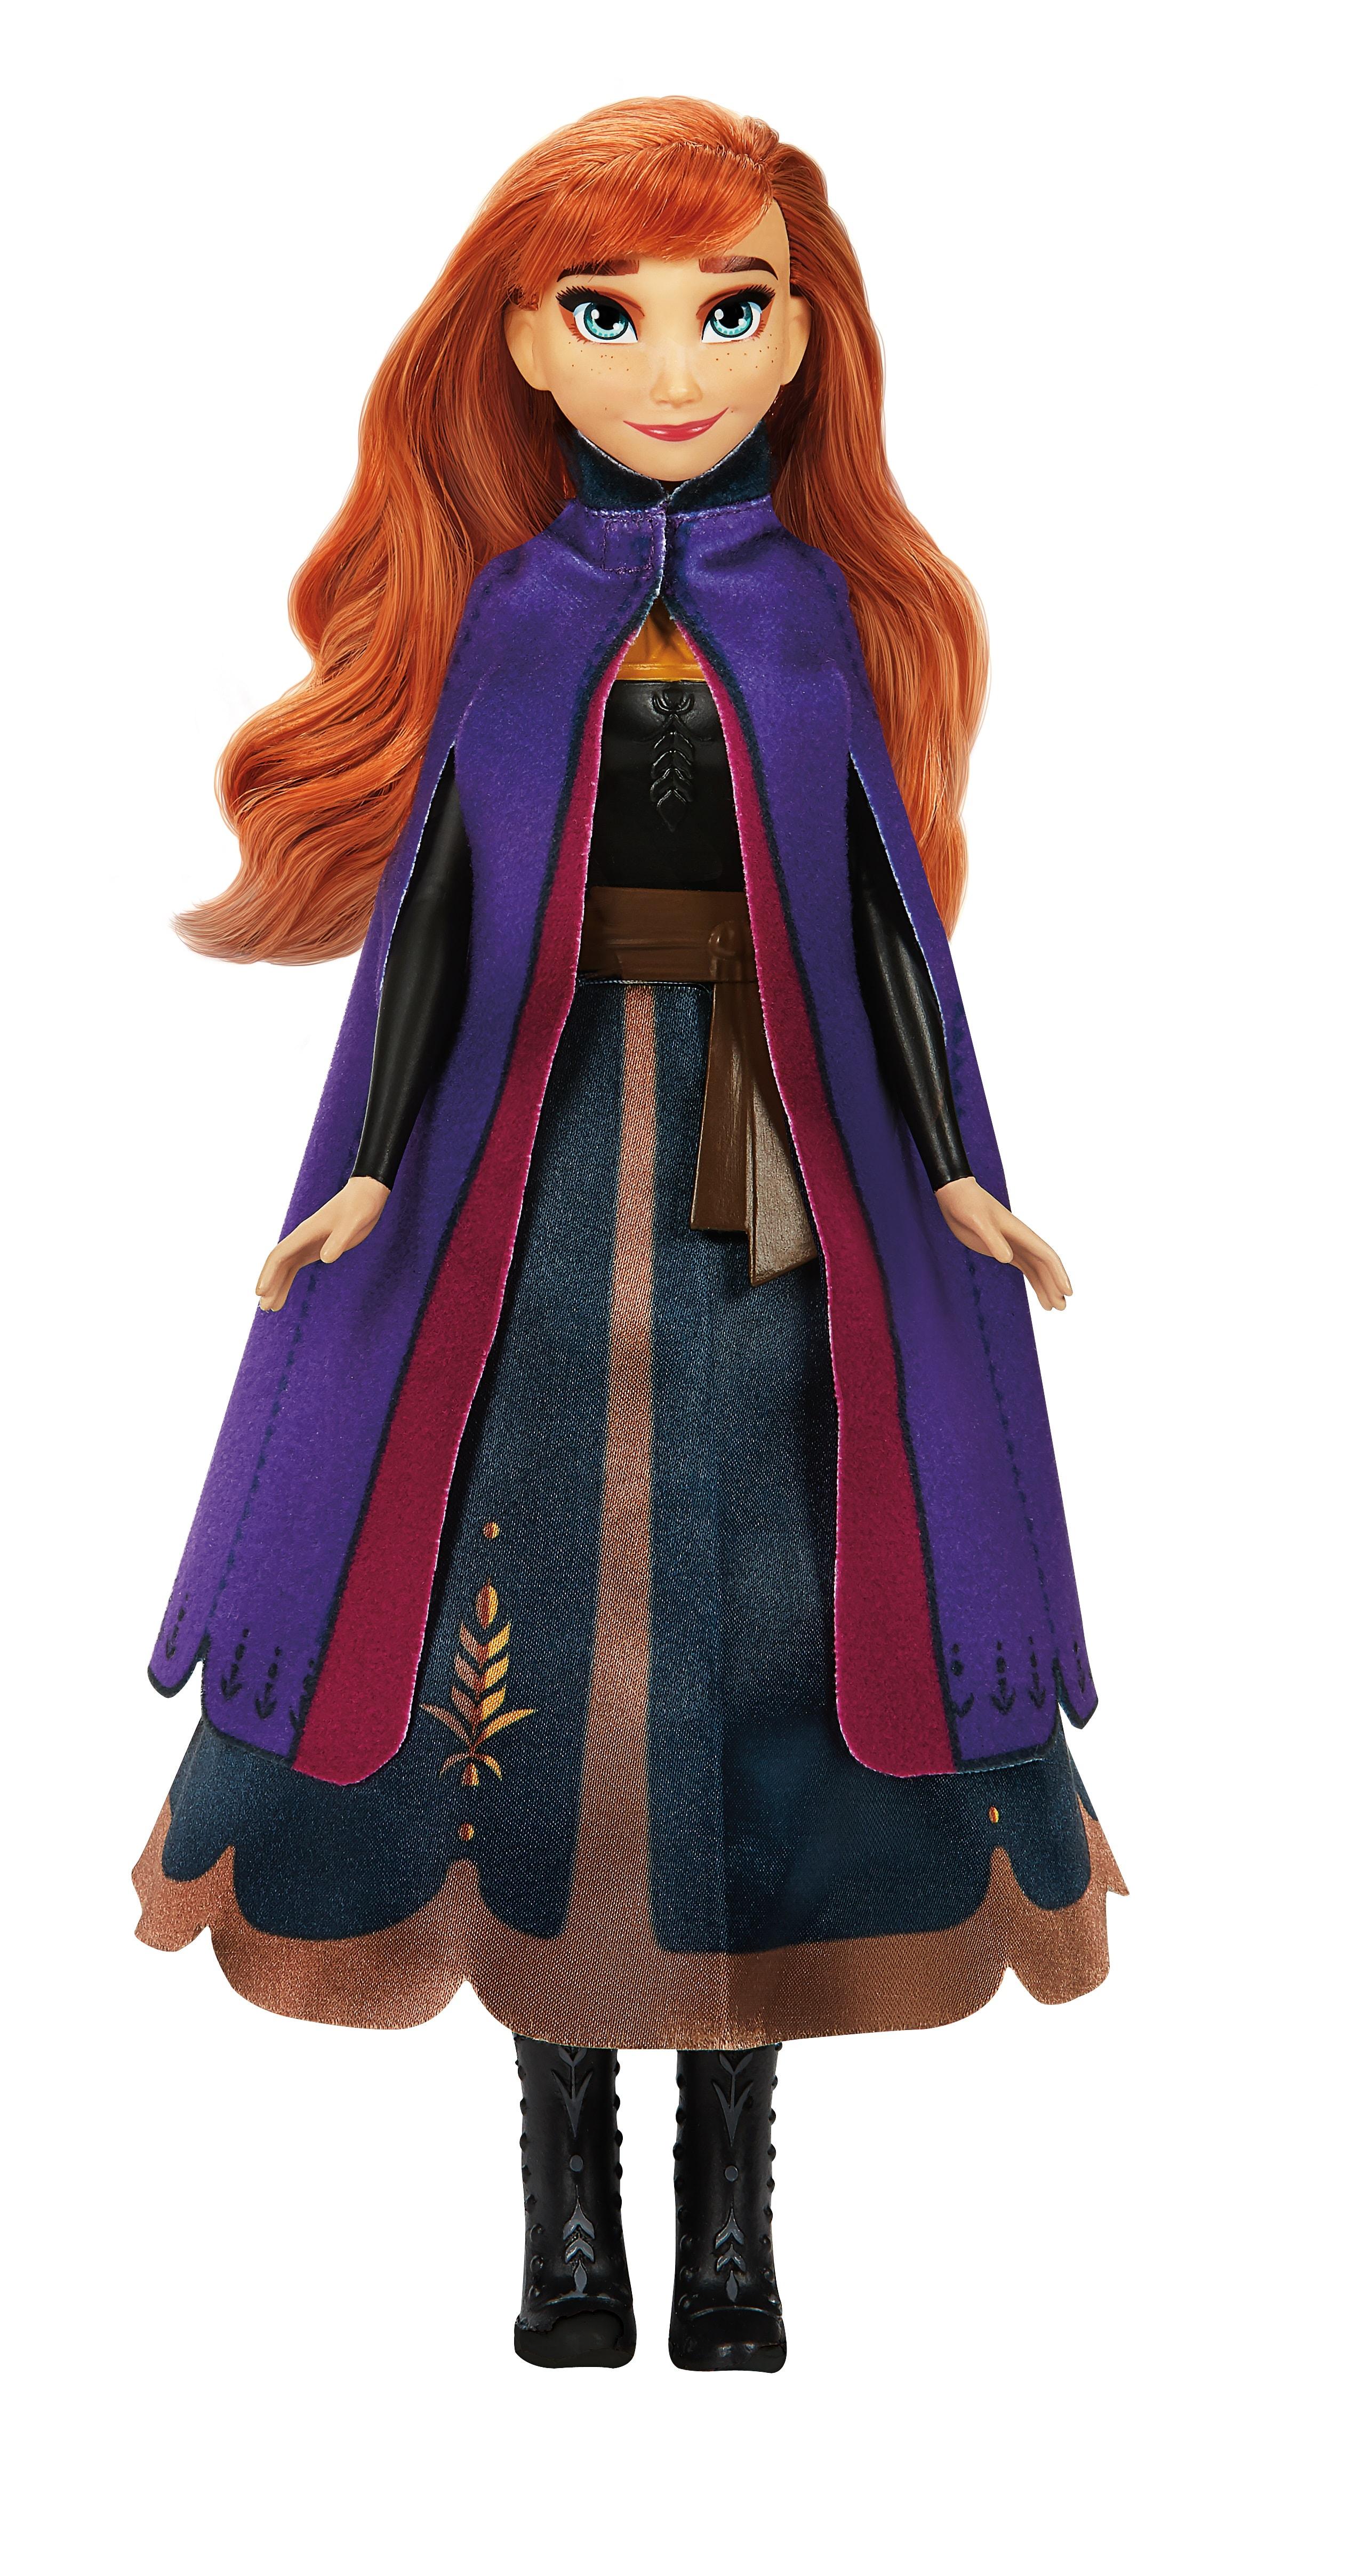 E7895 FRZ Transformation Dolls Assortment OOP Anna 1